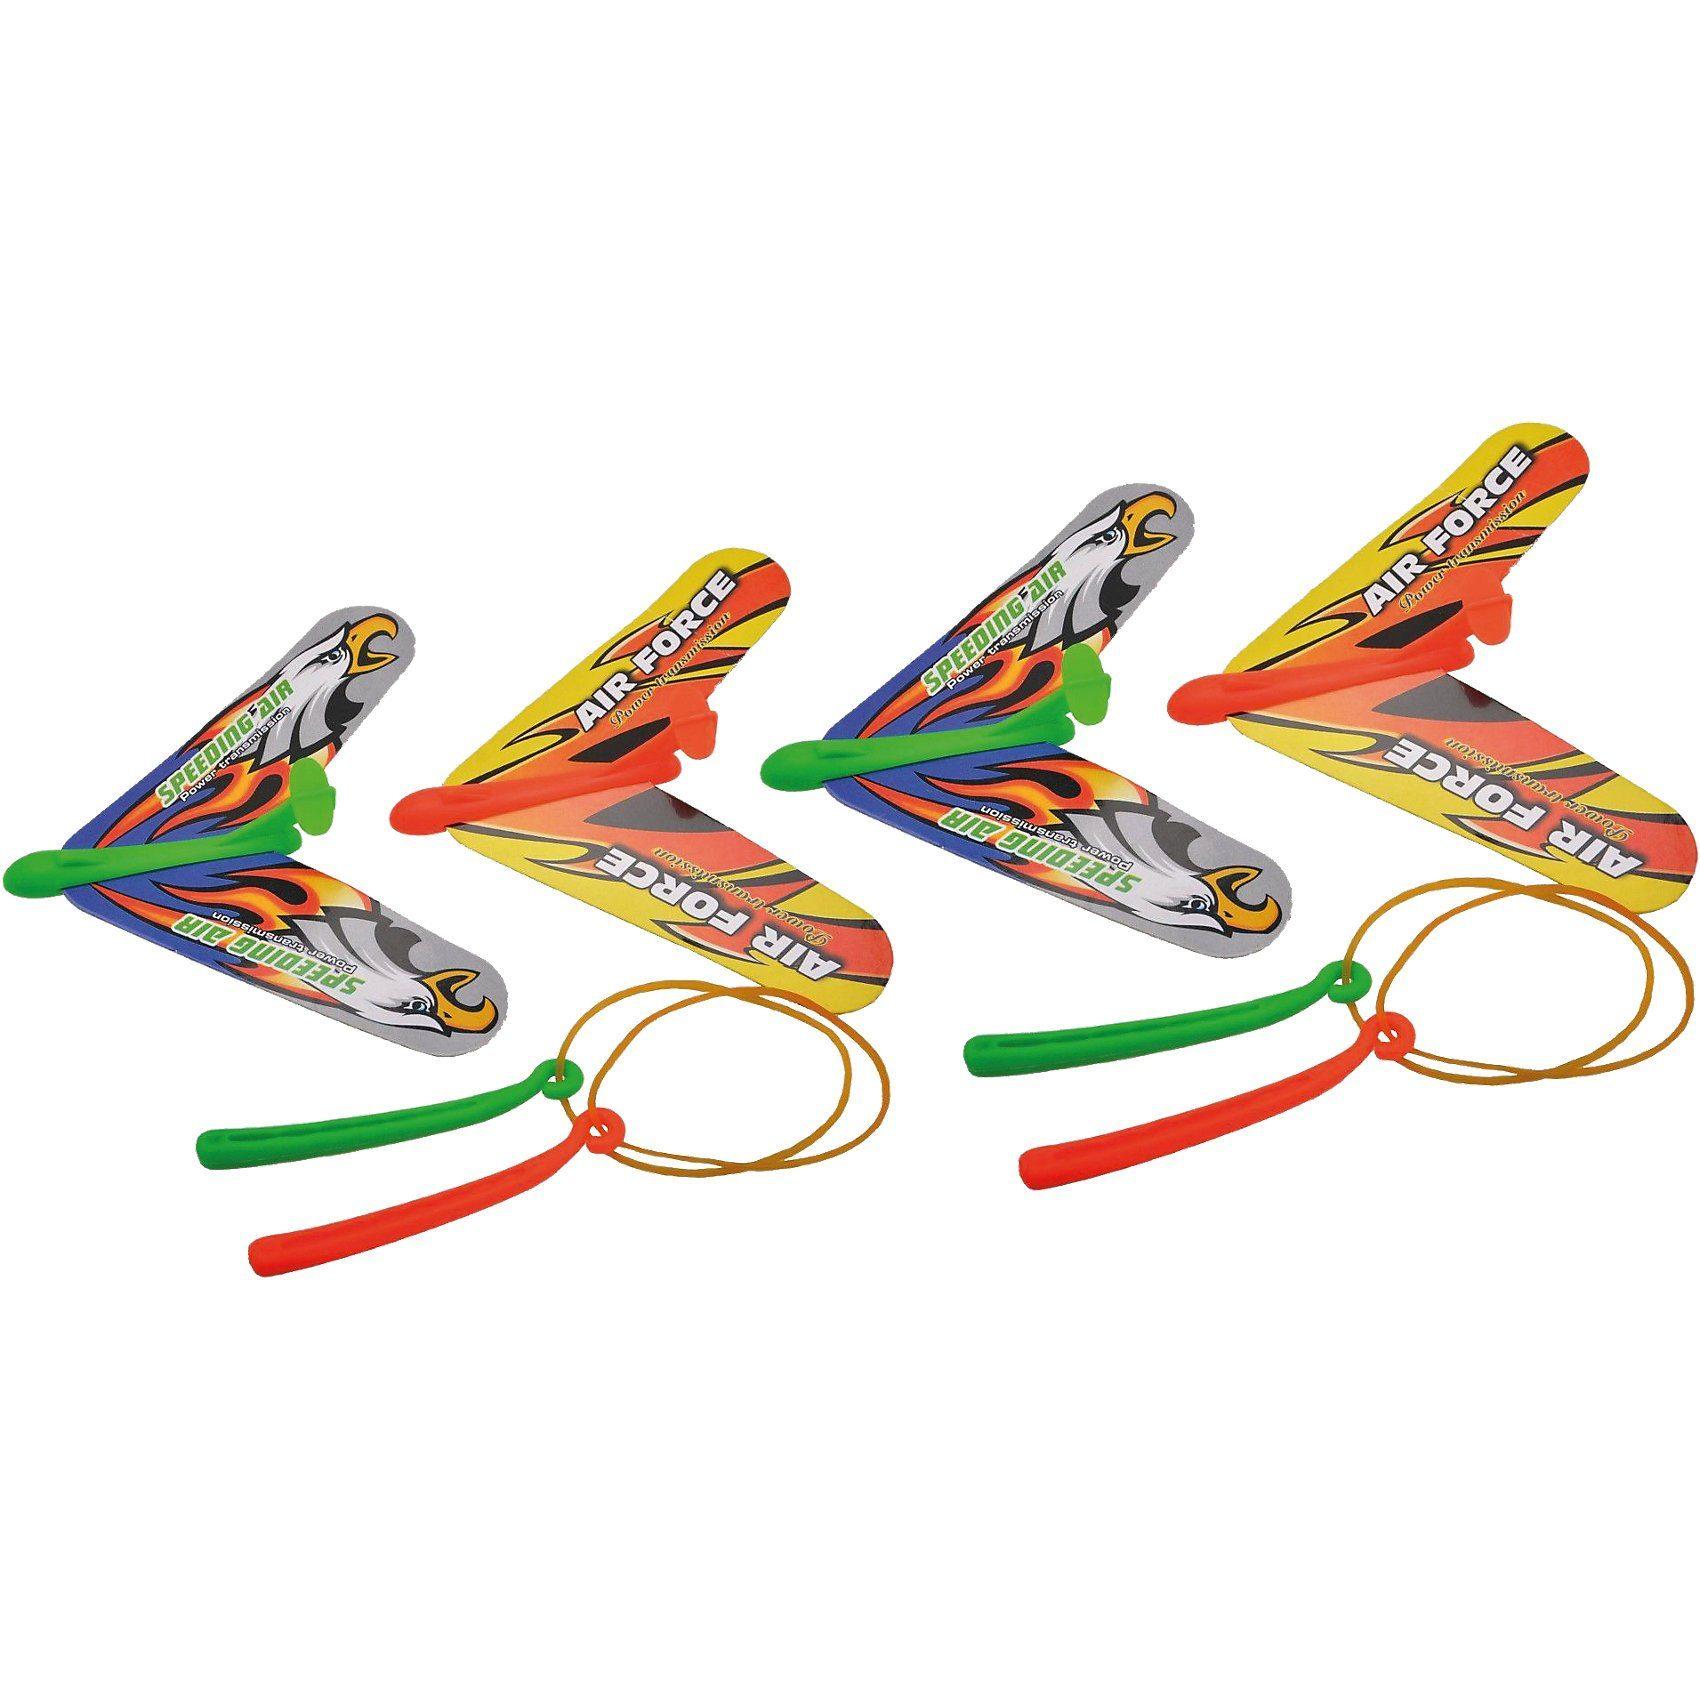 Glow2B Flugzeuge, 4 Stück